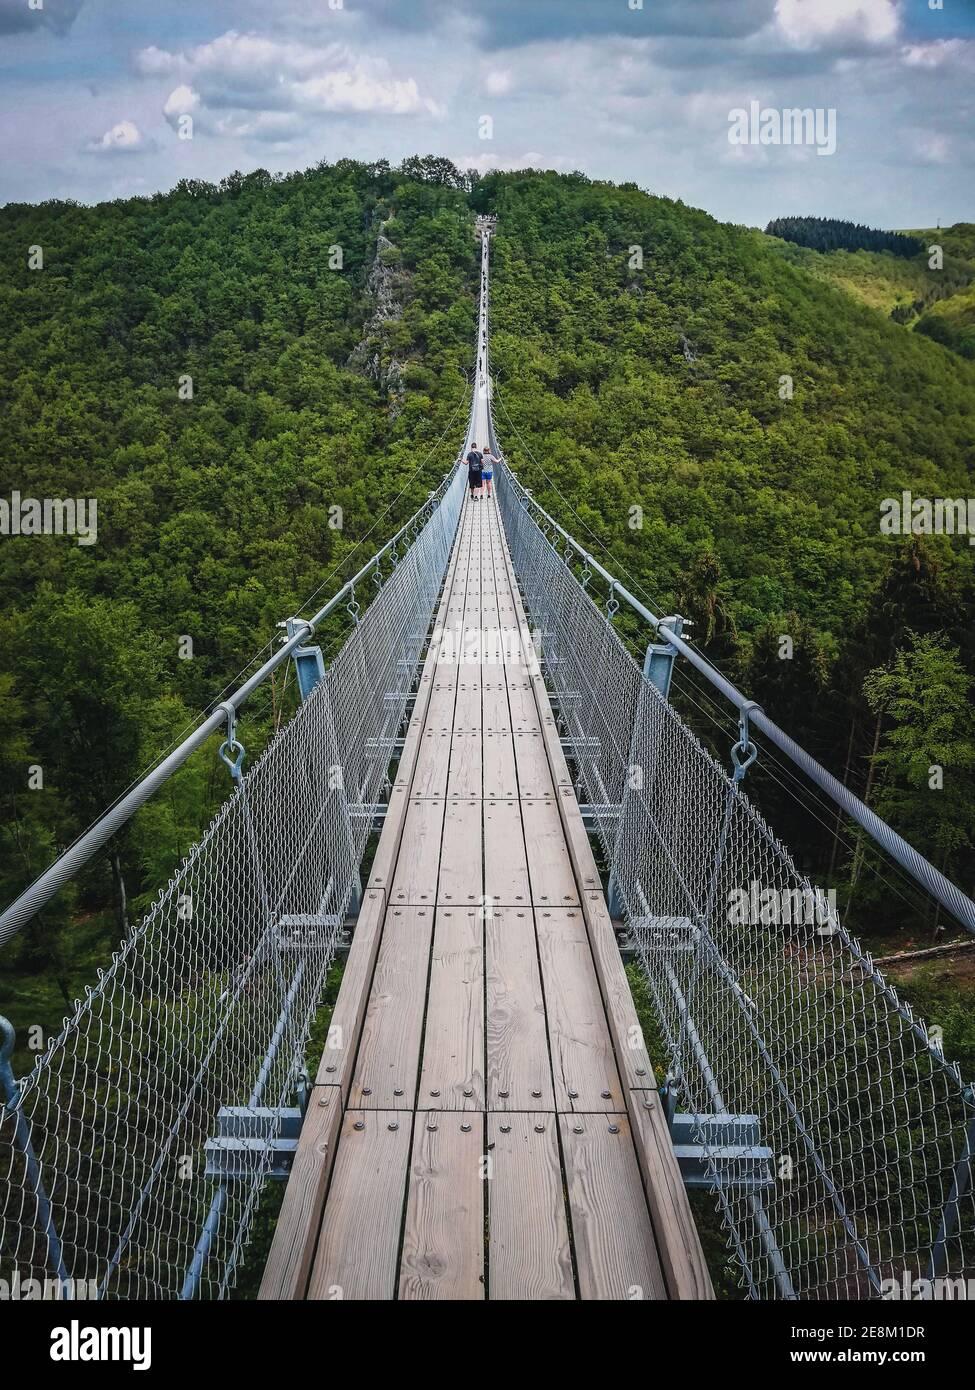 Geierlay Suspension Bridge in Hunsrück Mountain Range. It is the ...